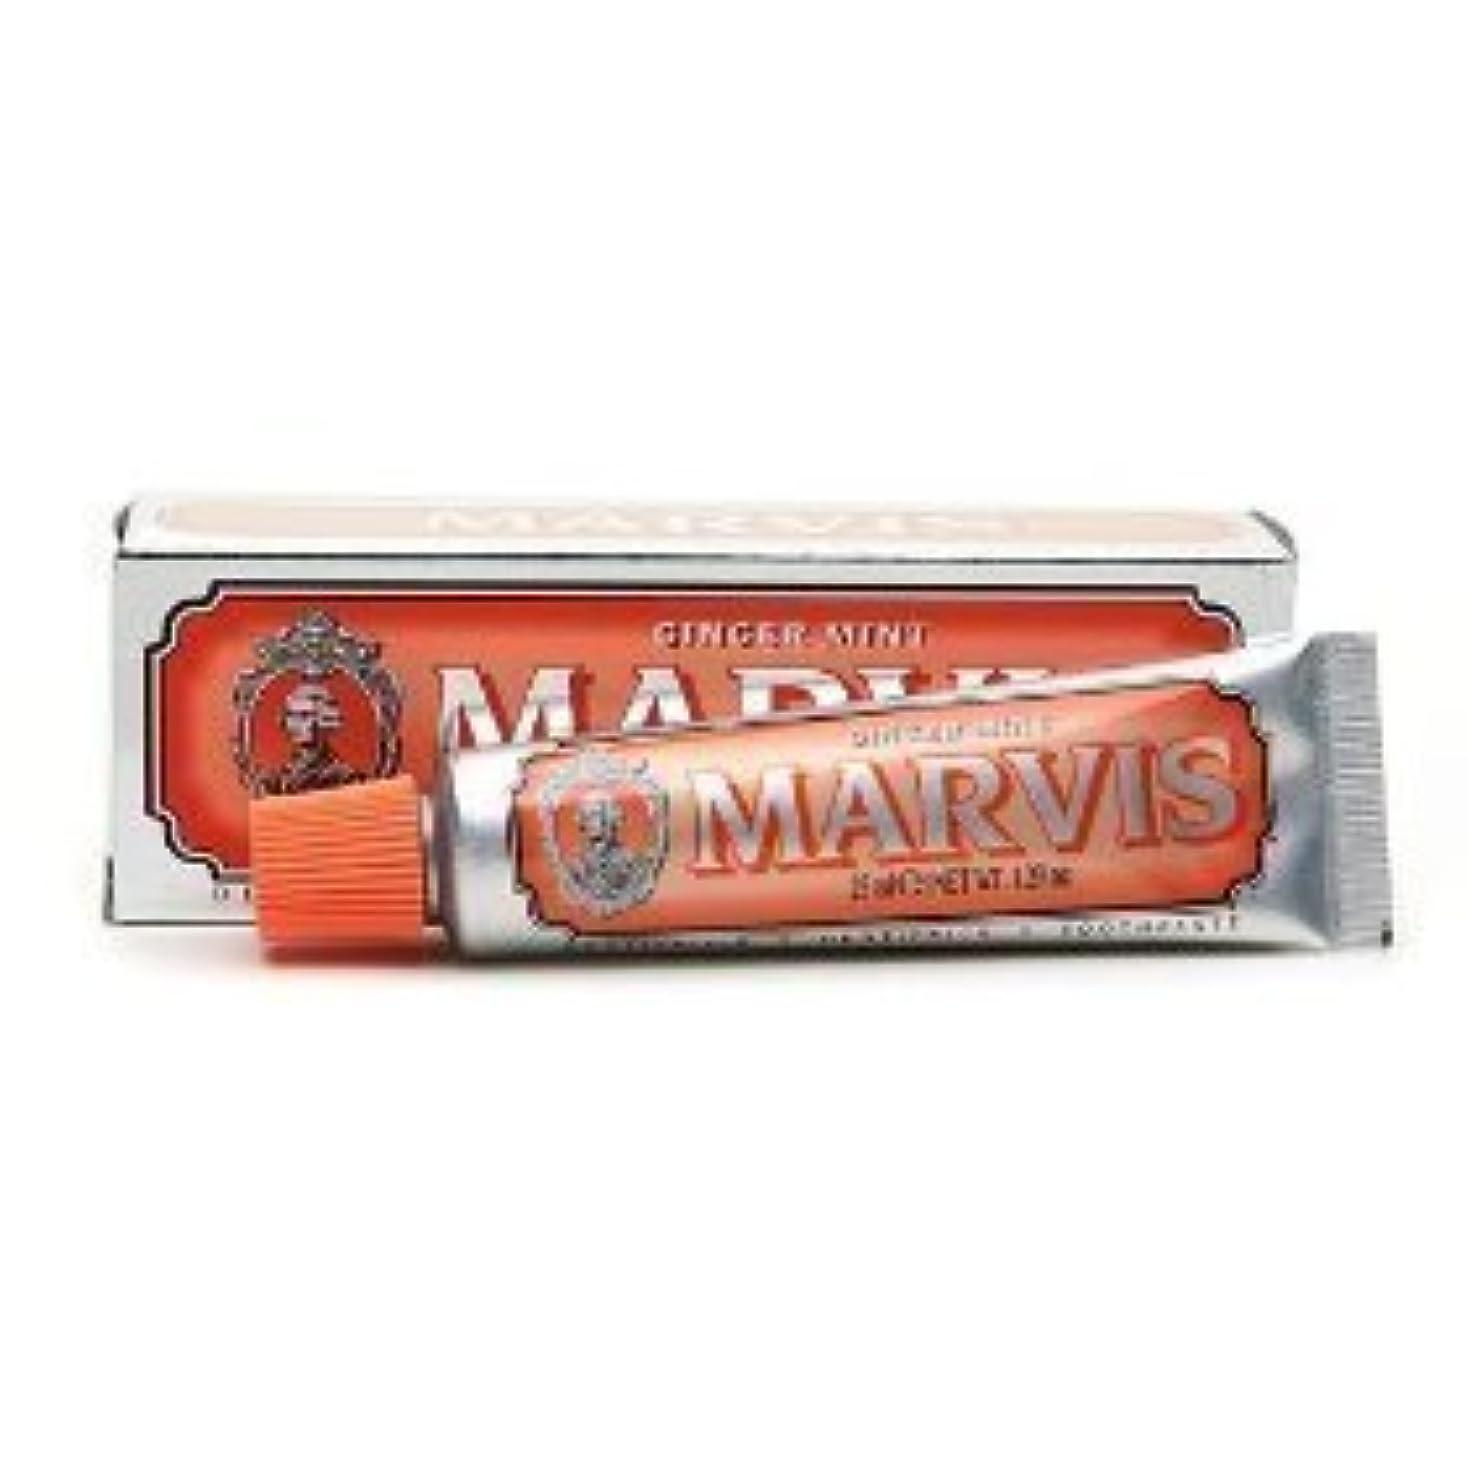 許される適用済み少数Marvis Toothpaste Ginger Mint Travel Size by Marvis [並行輸入品]